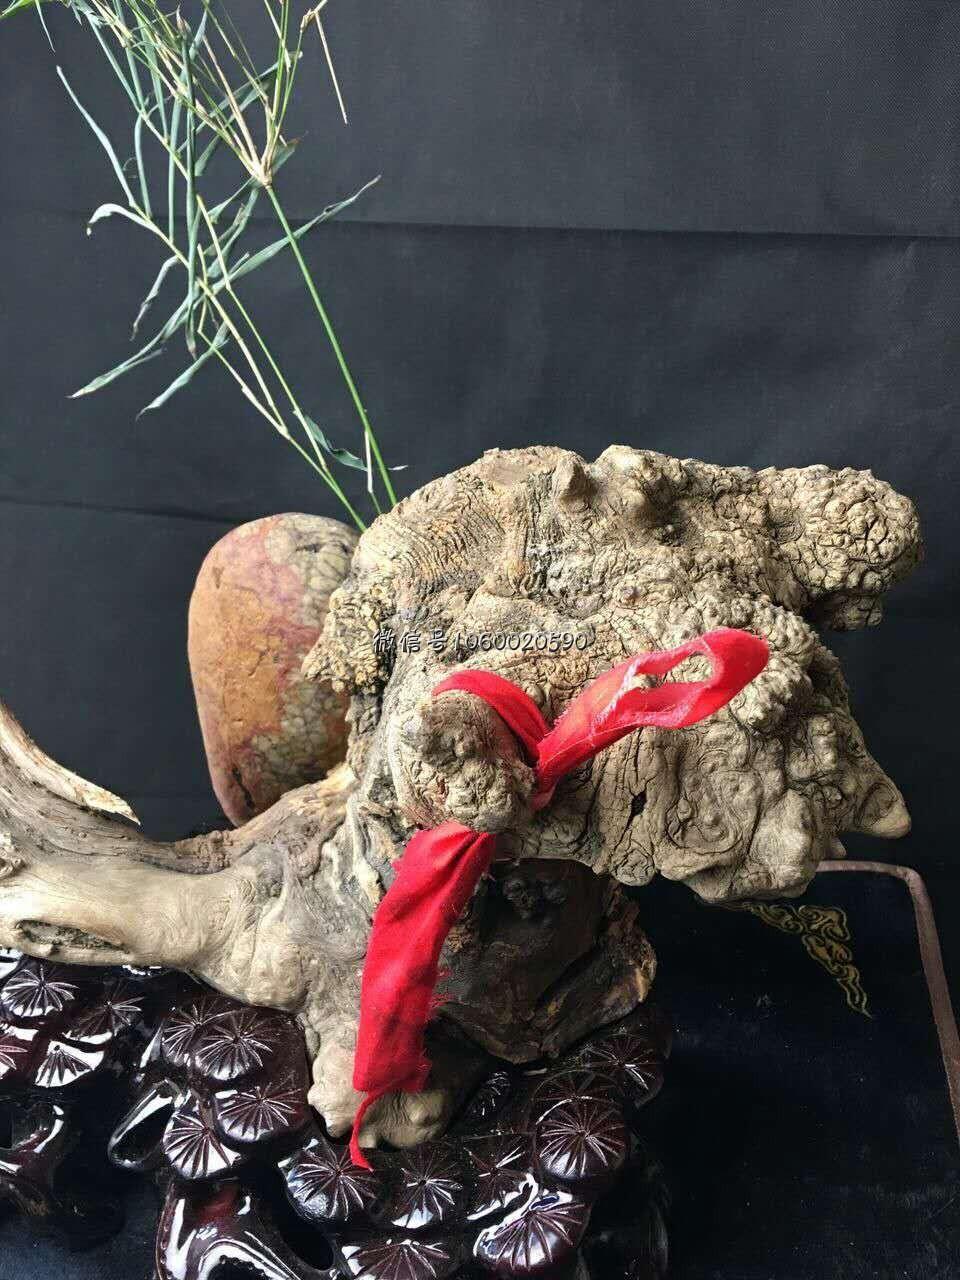 【11.26精品推荐】太行樱子瘤造型摆件《狮王》